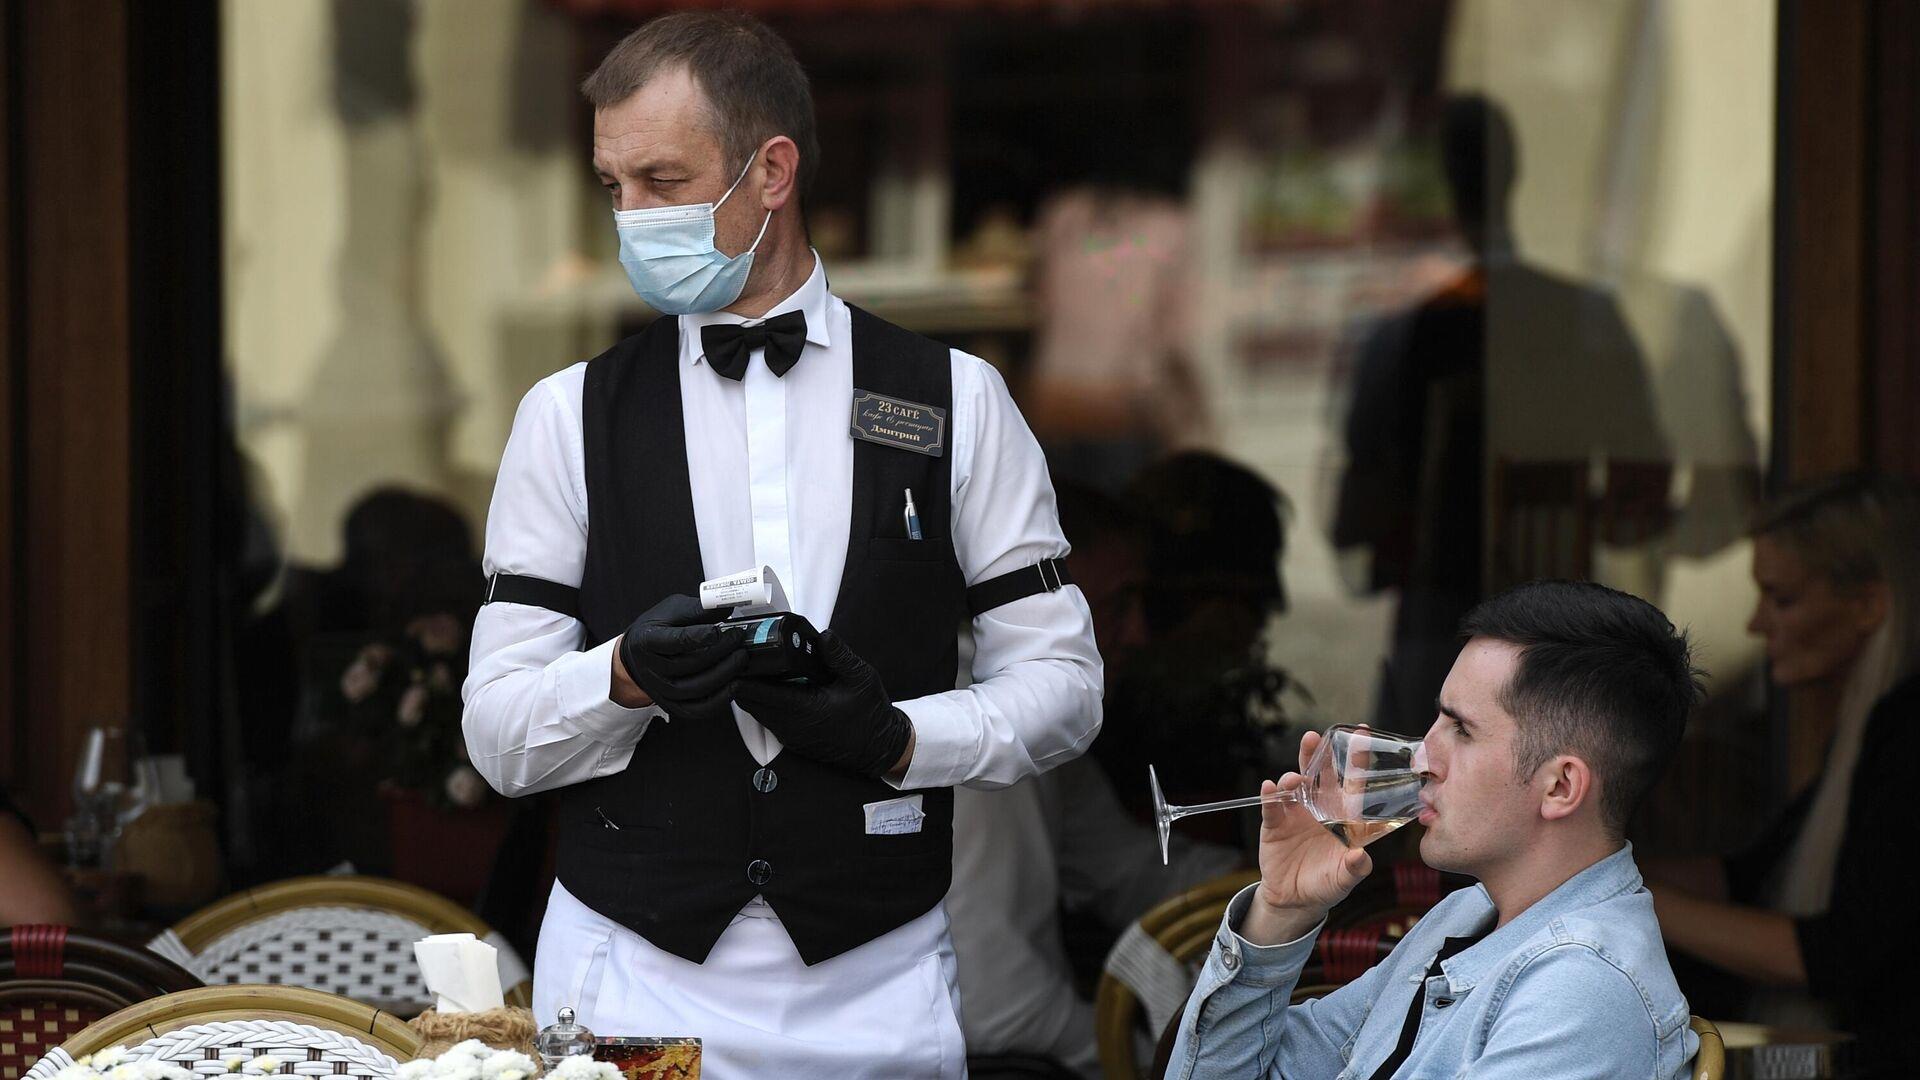 Официант и посетитель в кафе  - РИА Новости, 1920, 17.06.2021